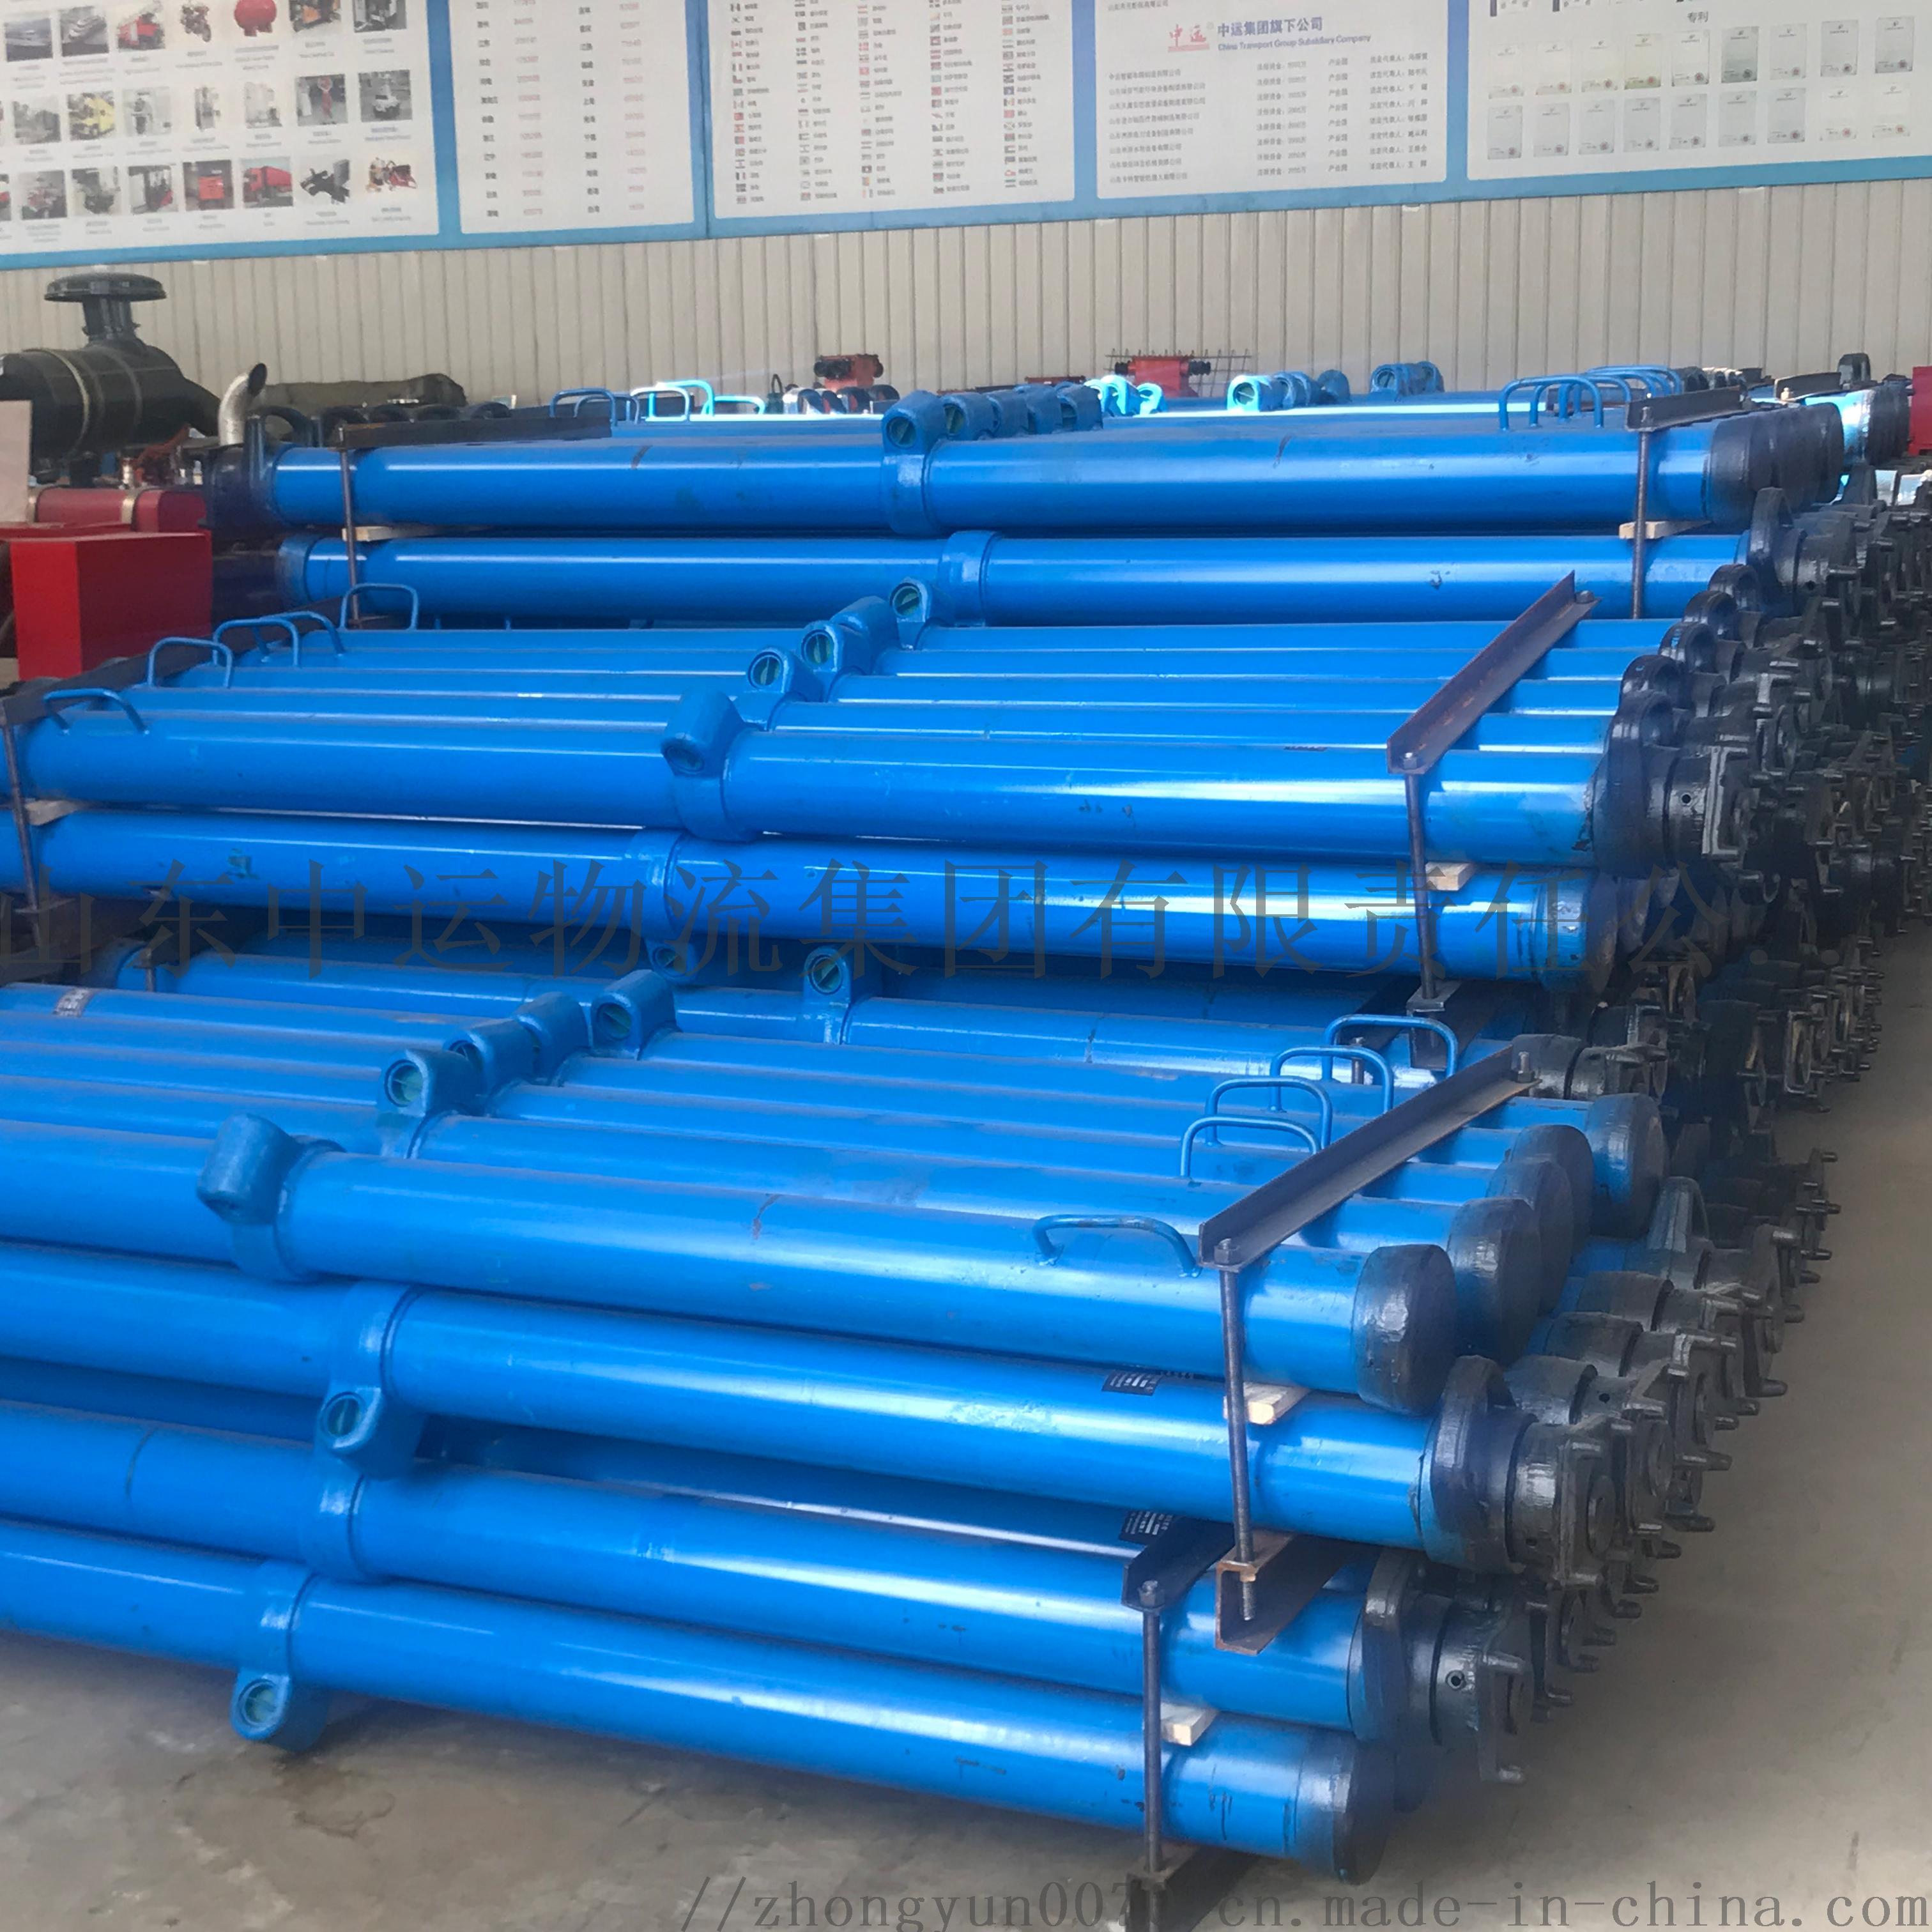 中运单体液压支柱 单体液压支柱厂家直销781554172